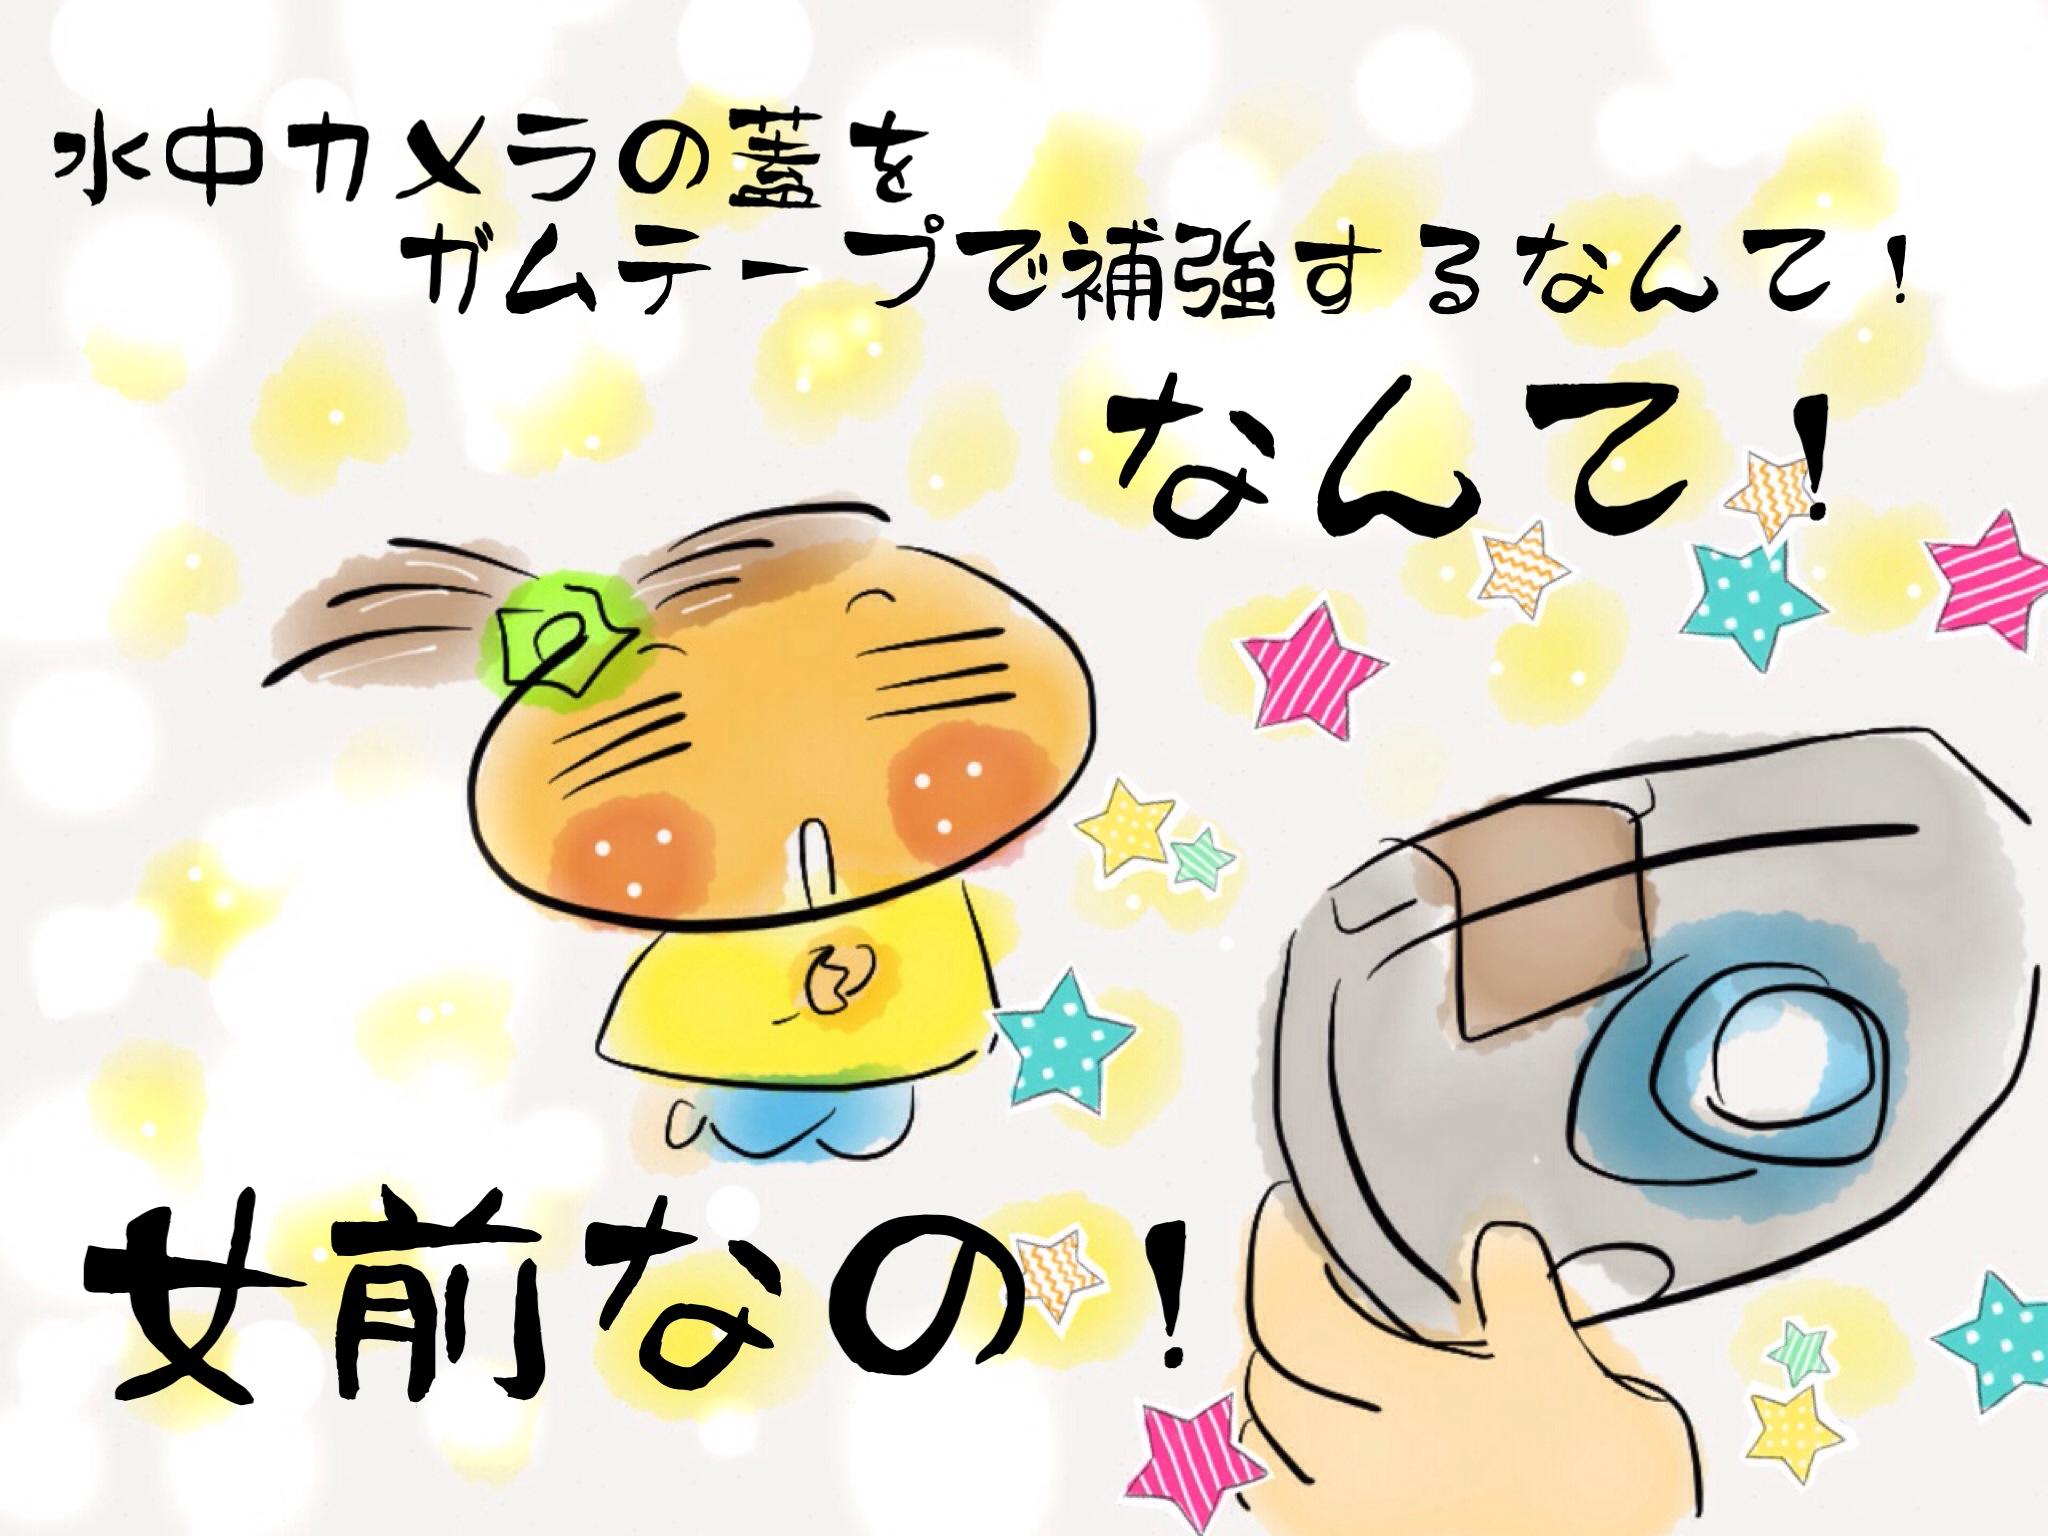 水中カメラさん、ありがとう☆_f0183846_23184021.jpg